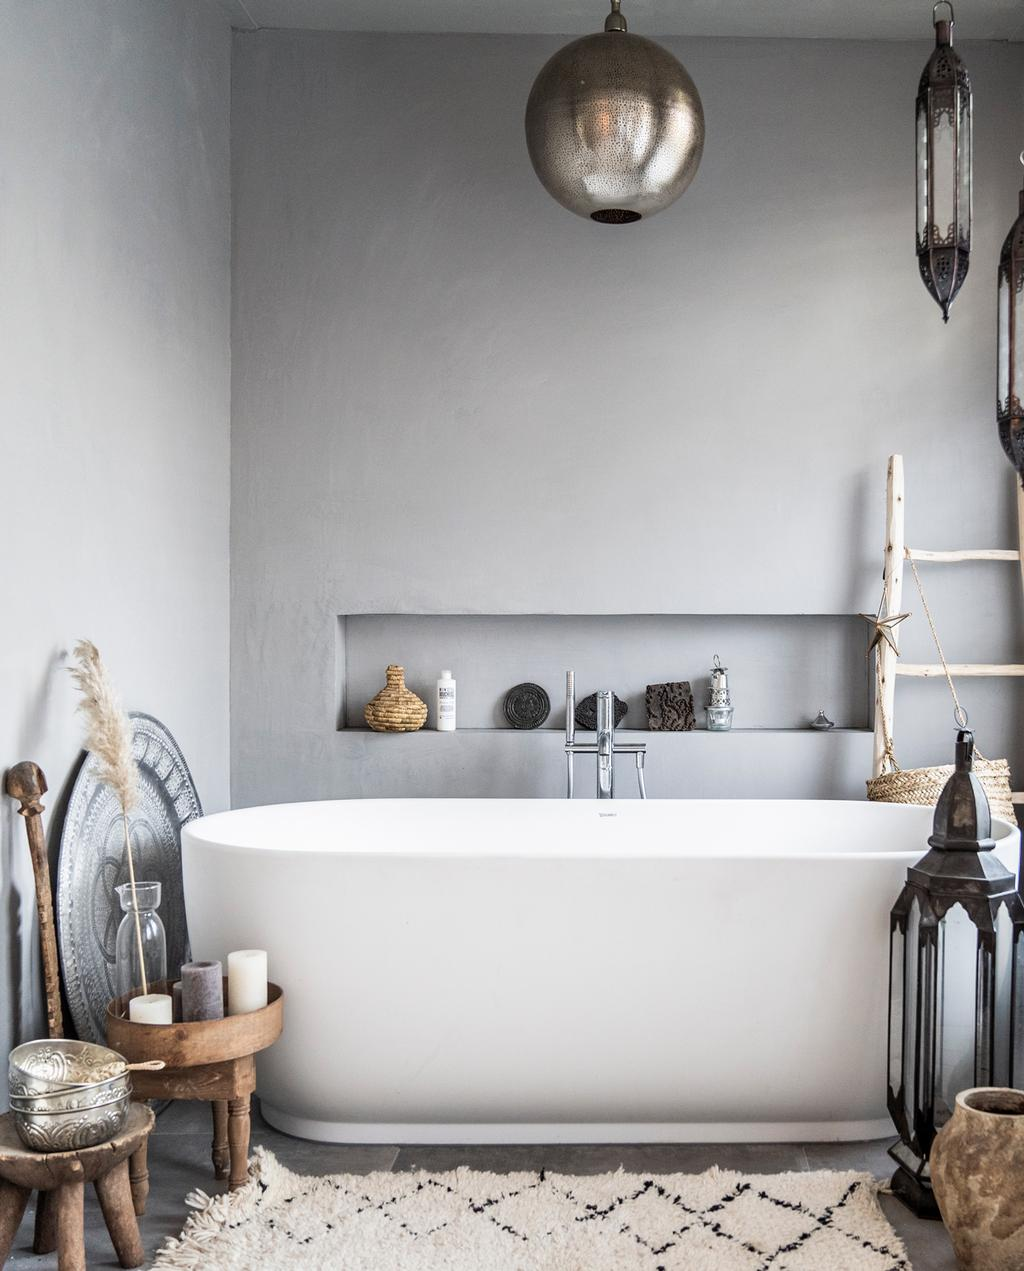 vtwonen binnenkijken special 2019 | binnenkijken in een tussenwoning in Haarlem badkamer